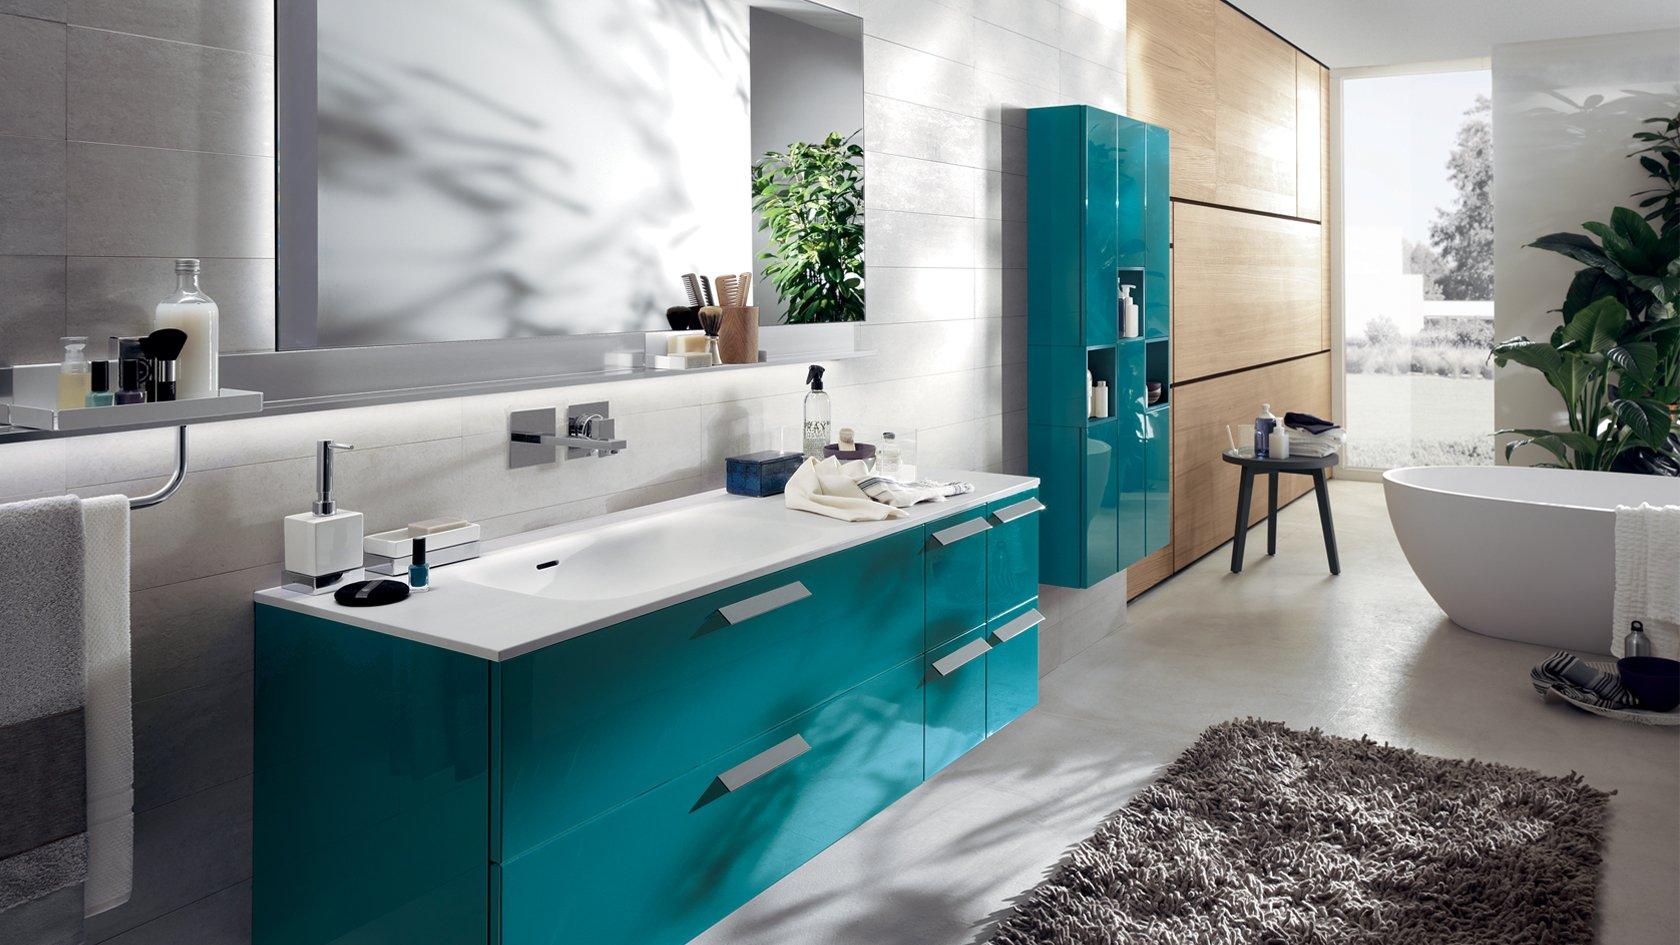 bagno con colori azzurri